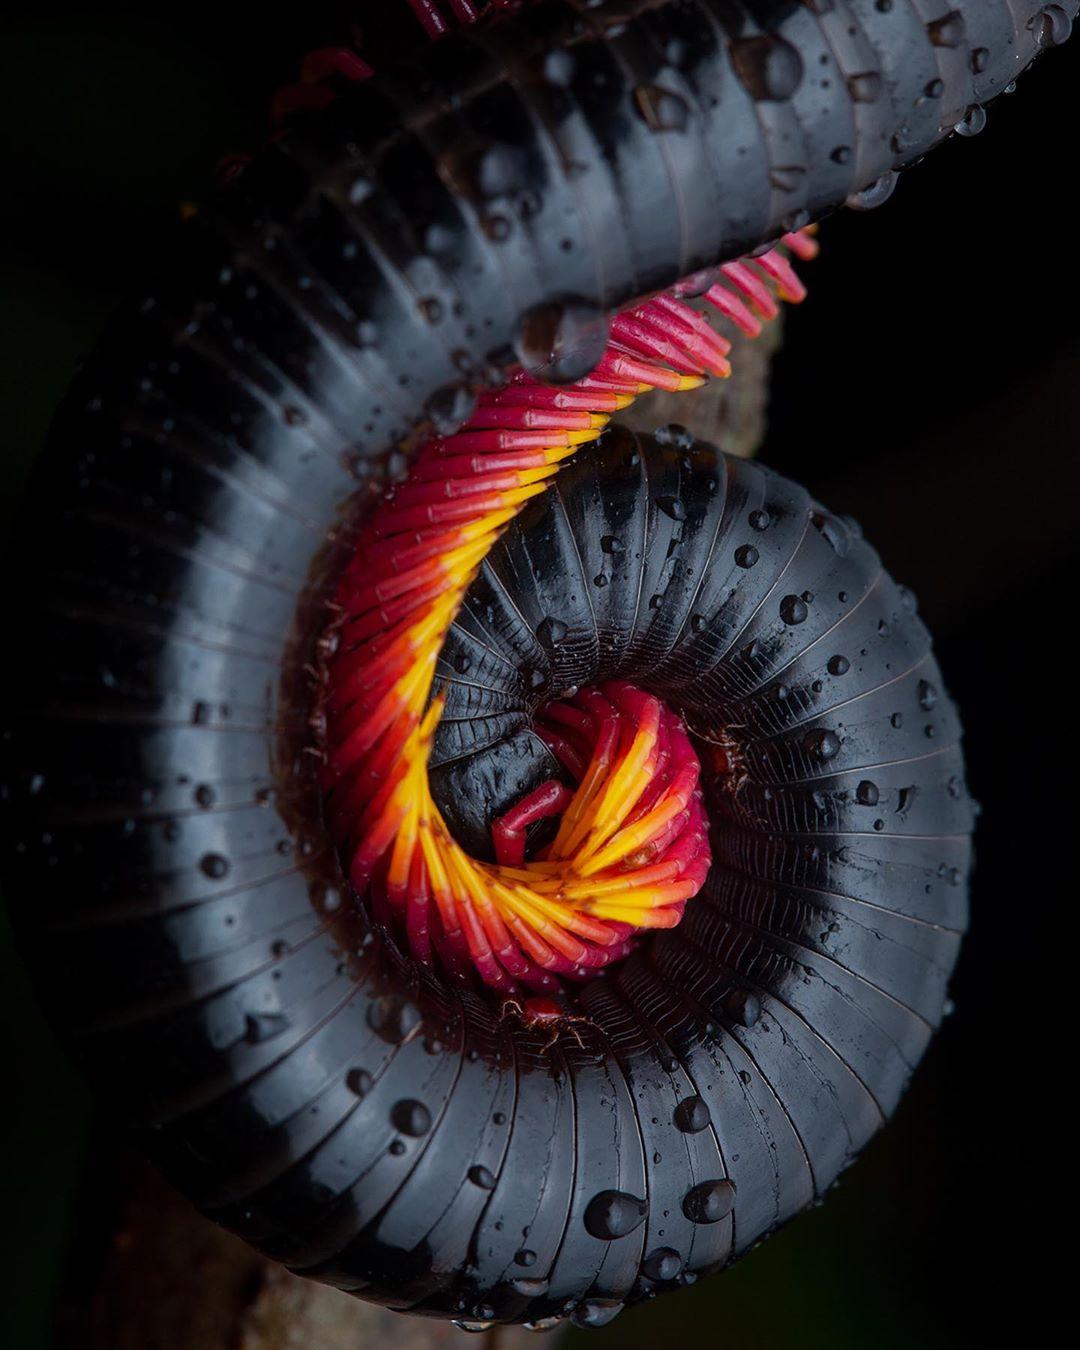 Поразительные существа нашего мира на снимках Фрэнка Дешандола